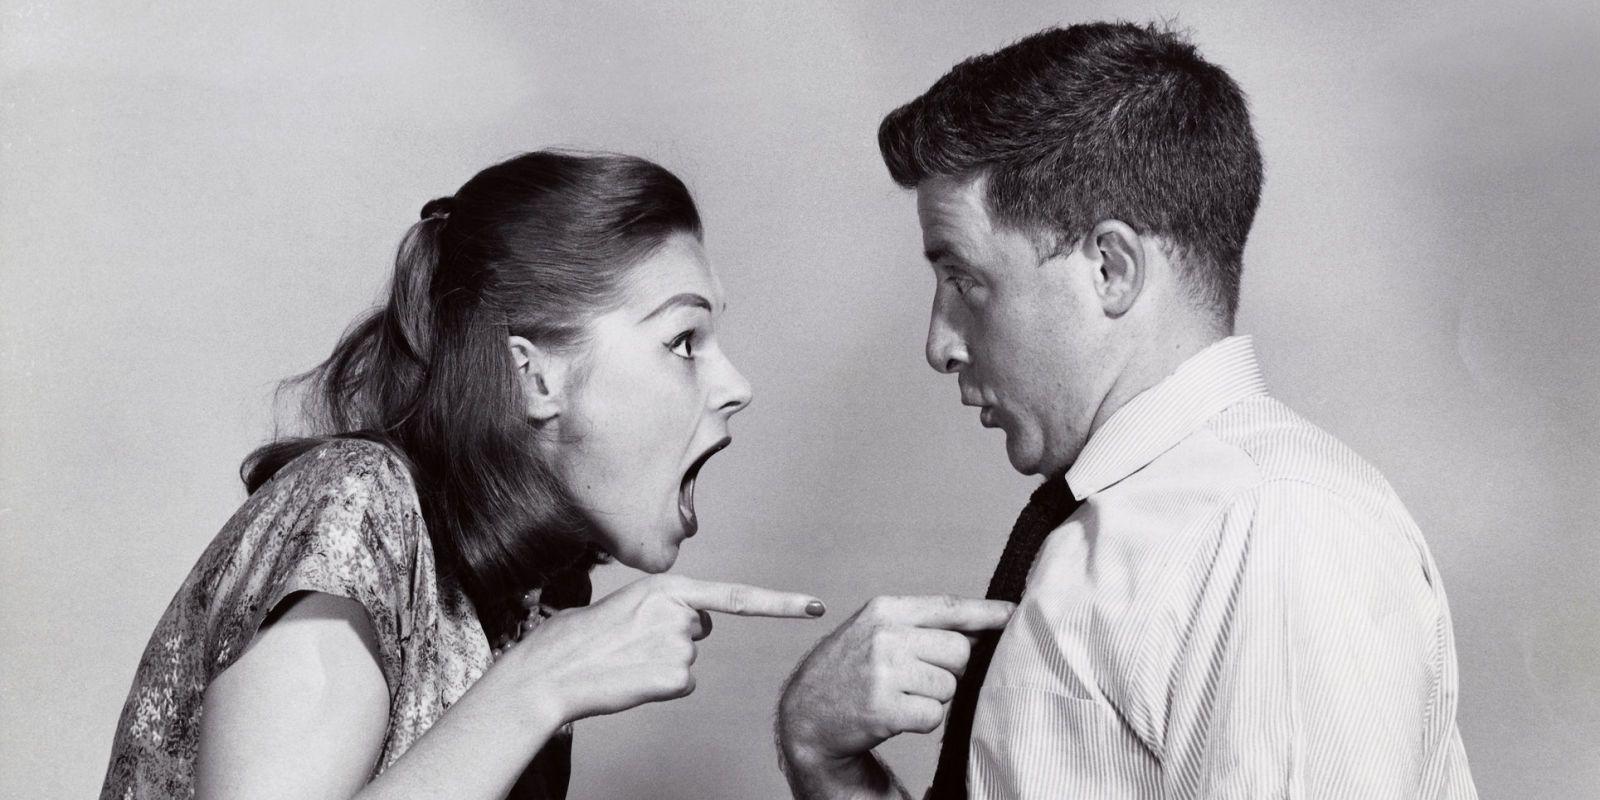 libero dating Denver CO Suggerimenti per la datazione del profilo foto